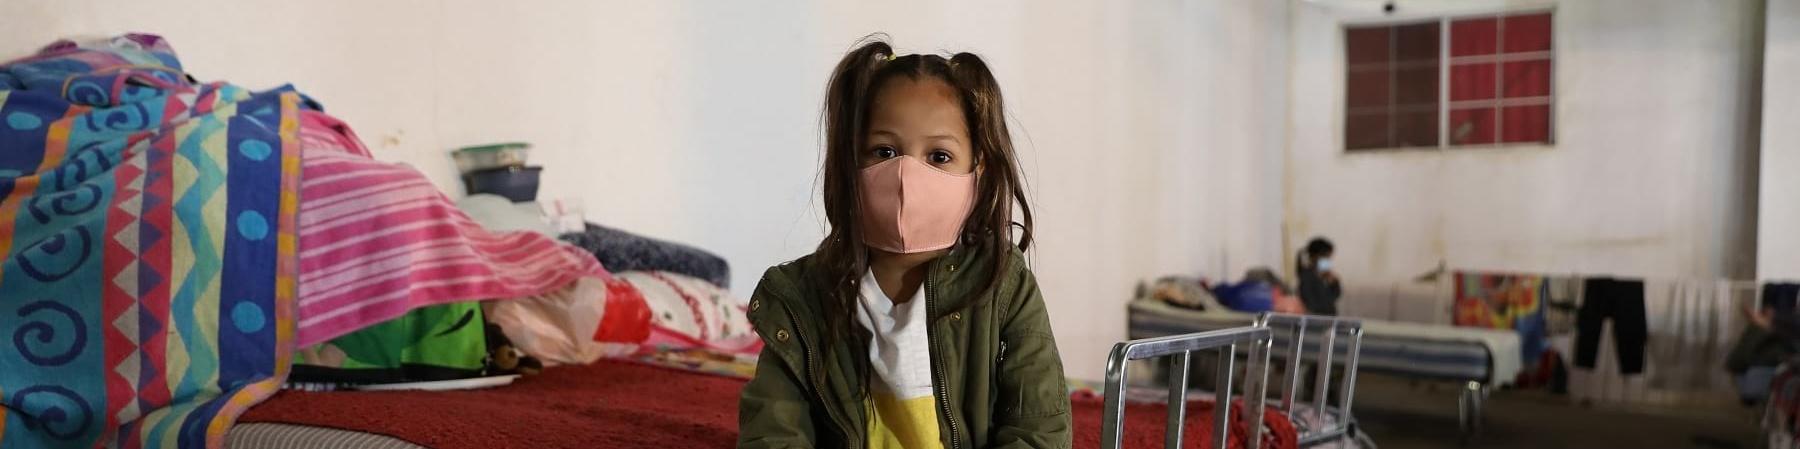 Una bambina latino-americana seduta su un letto in una stanza. La bambina ha i capelli neri legati in codini ha un maglioncino verde e e dei leggins a scacchi